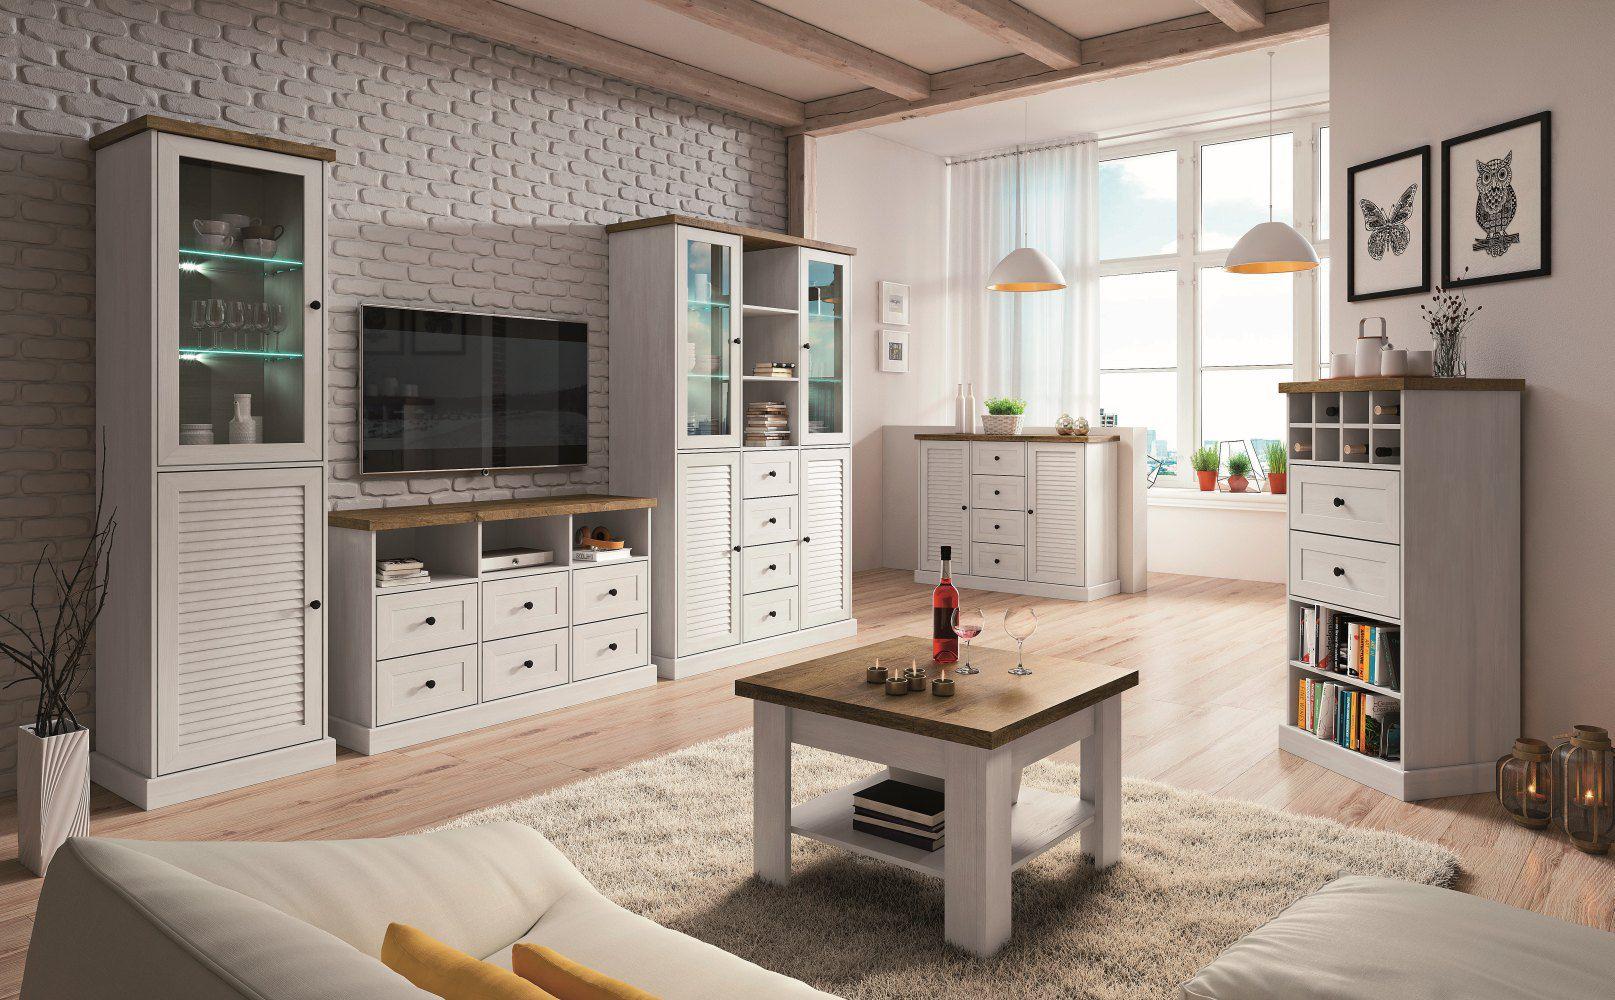 Wohnzimmer Komplett - Set A Lägern, 6-teilig, Farbe: Kiefer Weiß / Eiche Braun